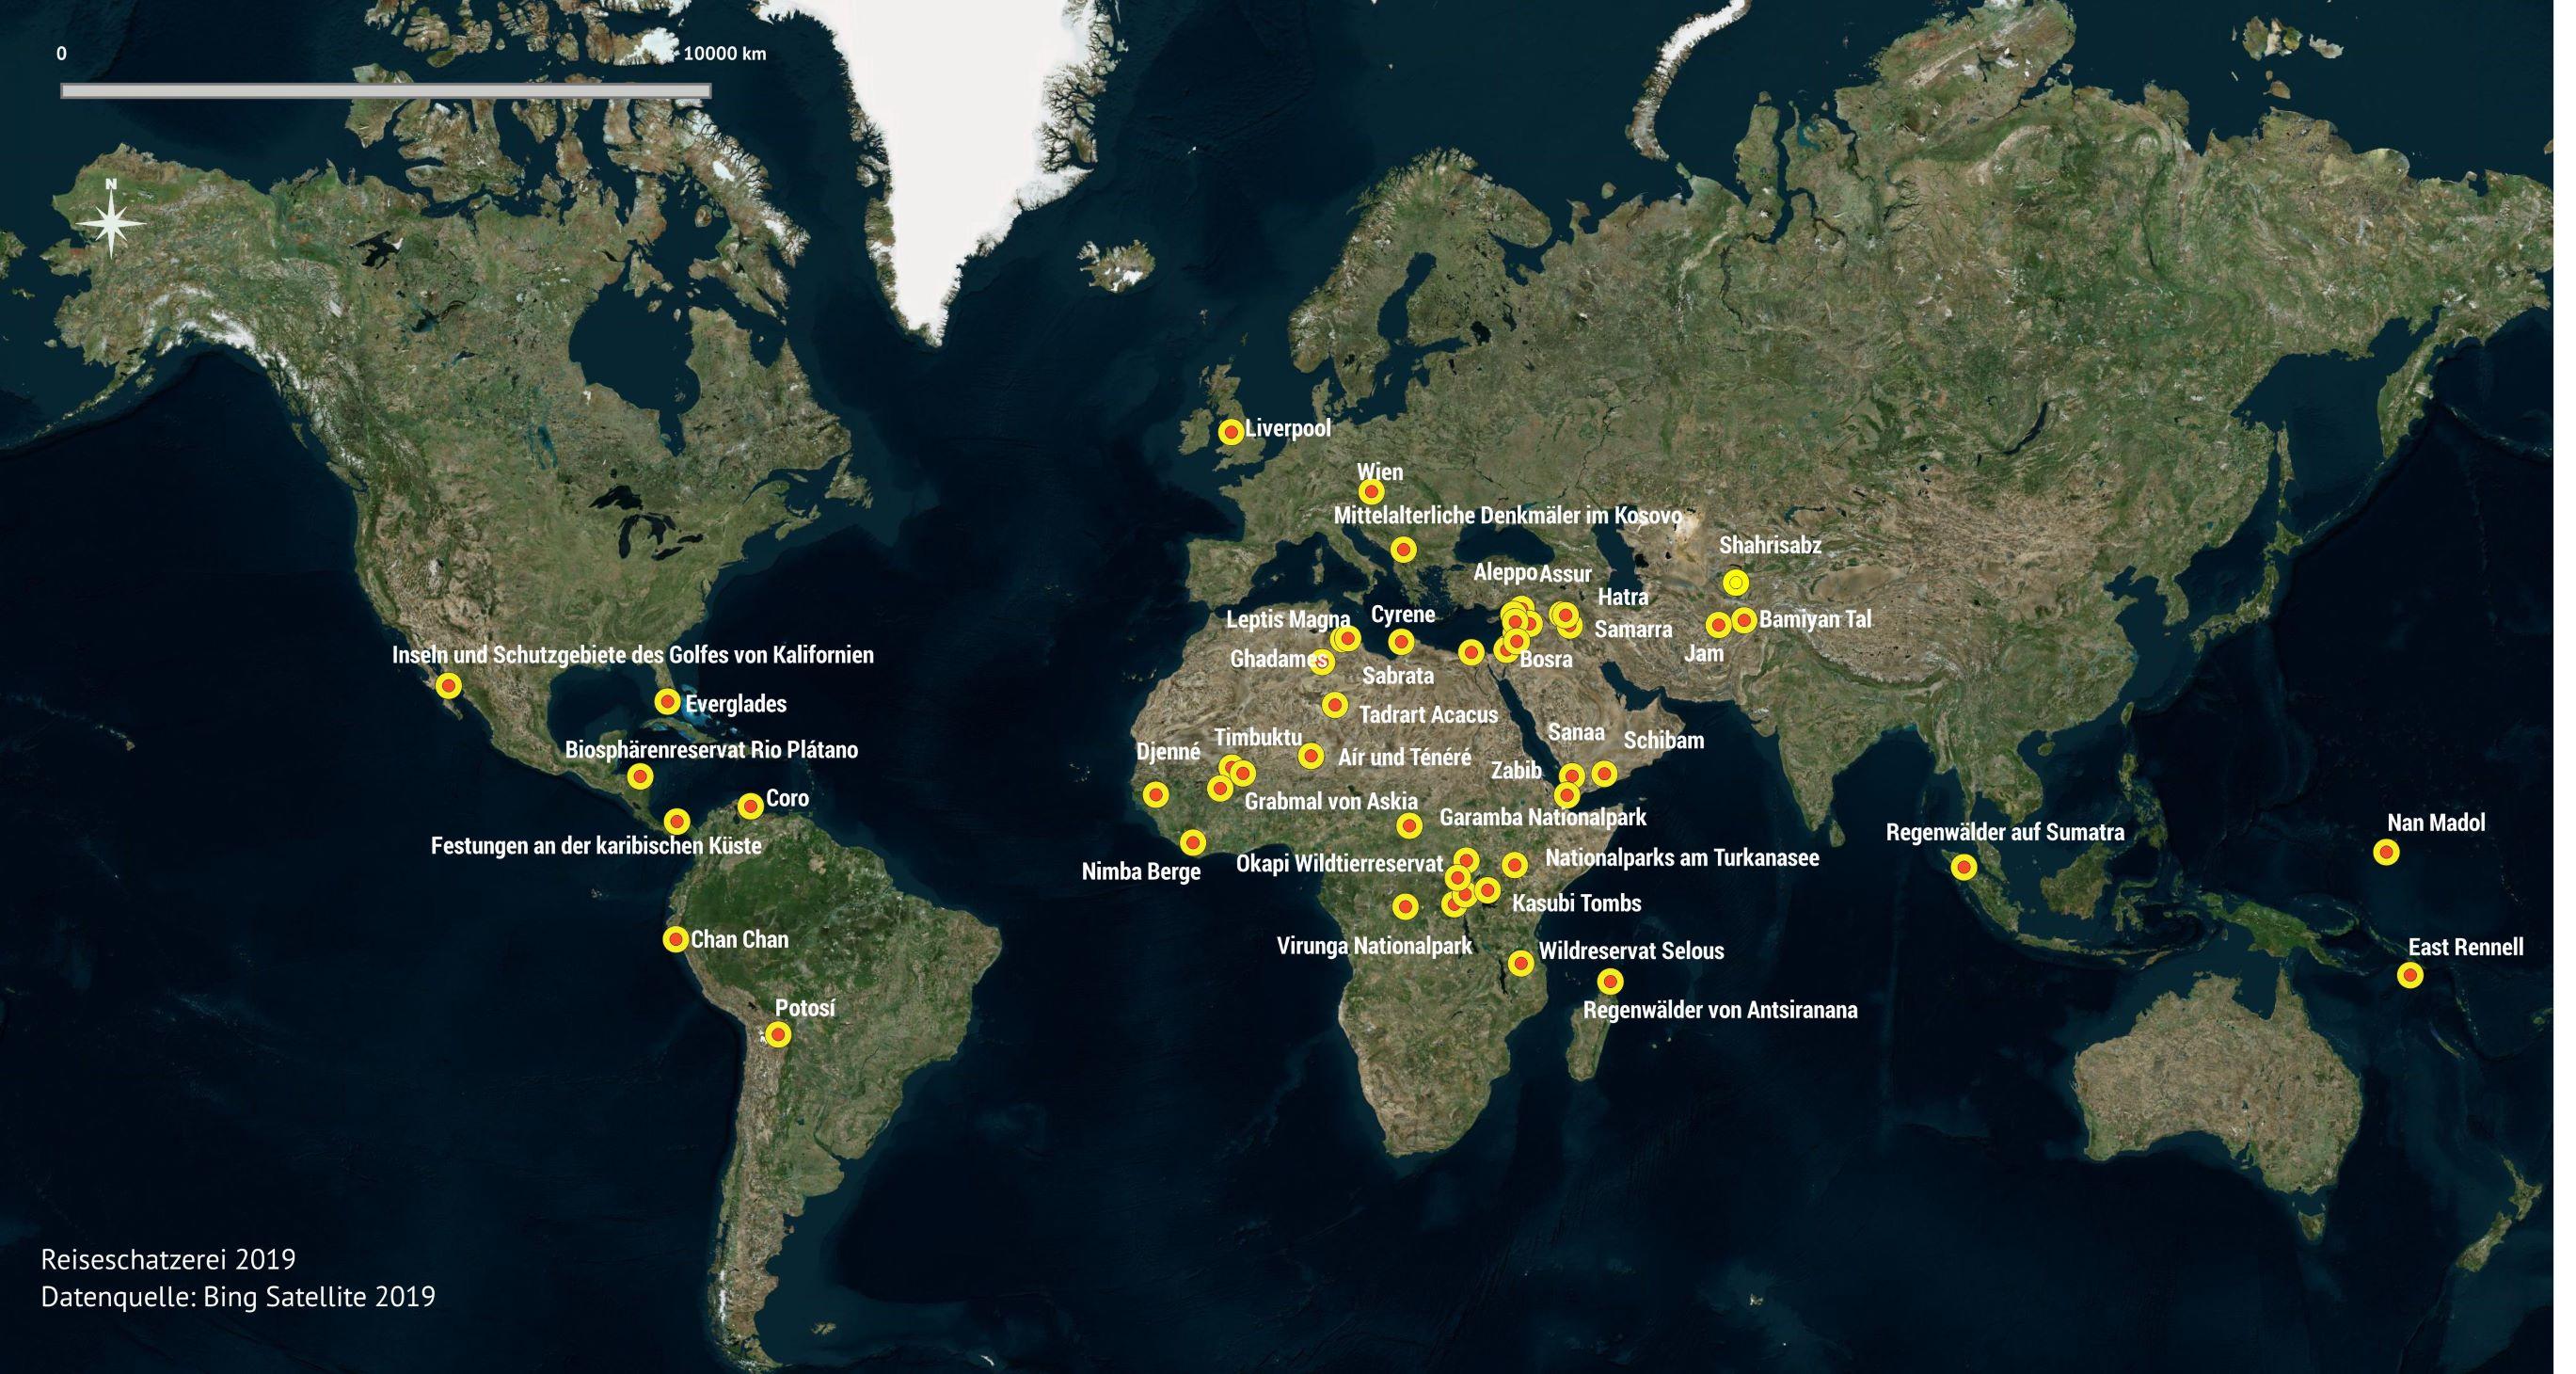 Weltkarte aller UNESCO Welterbe Stätten in Gefahr